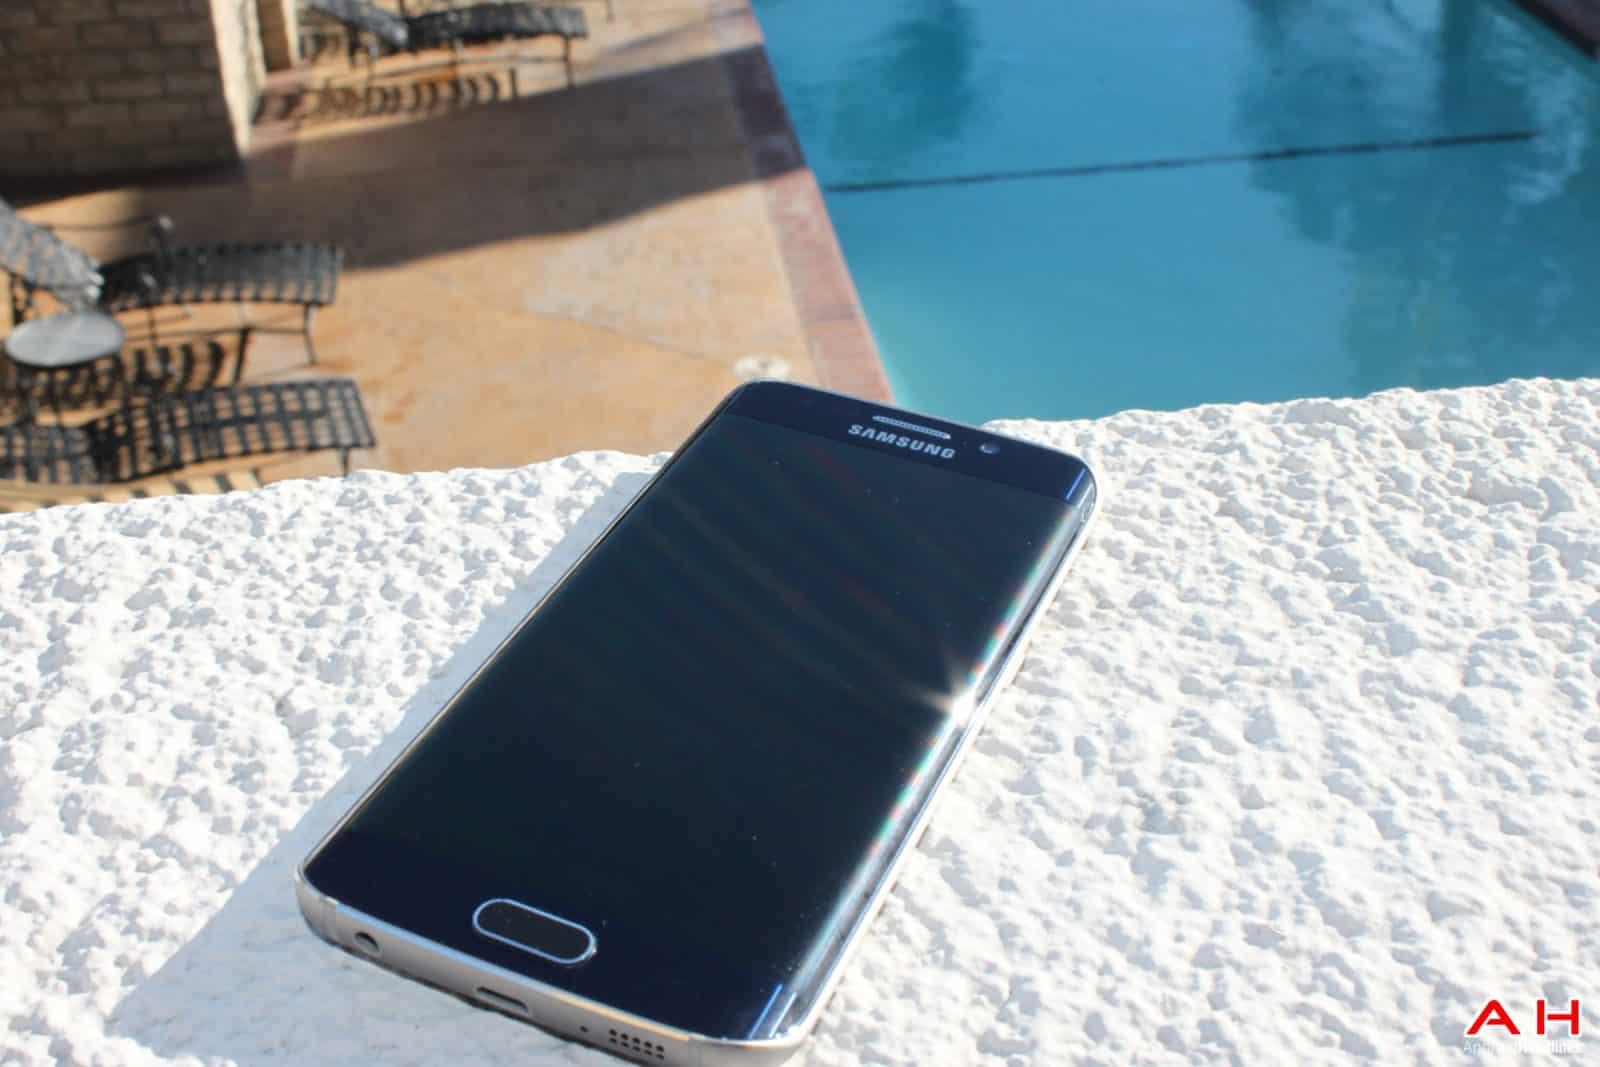 AH Samsung Galaxy S6 Edge Series 4 June 30th-11